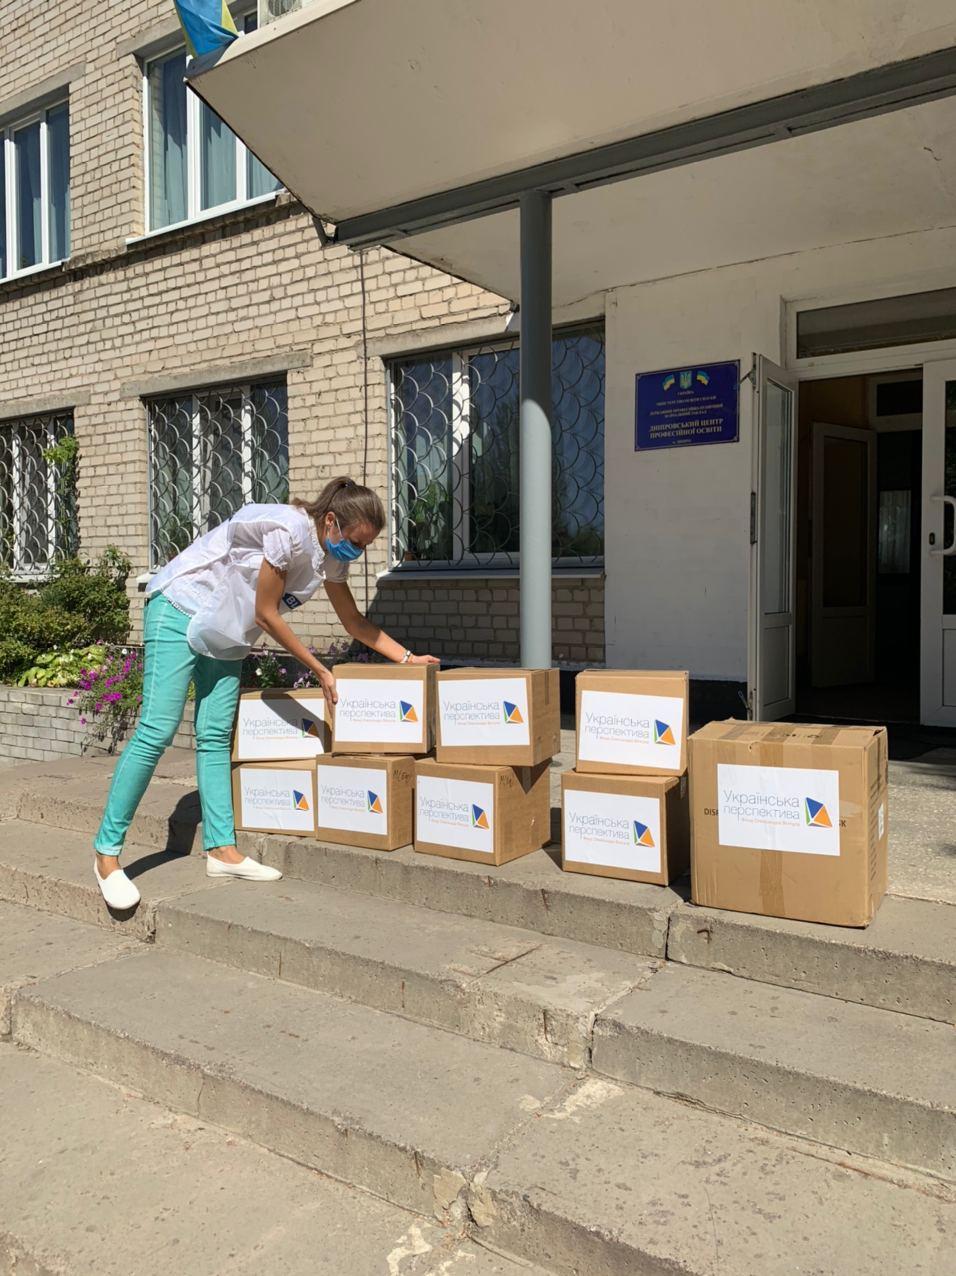 Новости Днепра про Вилкул: «Наш Блок «Украинская перспектива» внедрит страховую медицину в Днепропетровской области и запрет на закрытие учебных заведений»